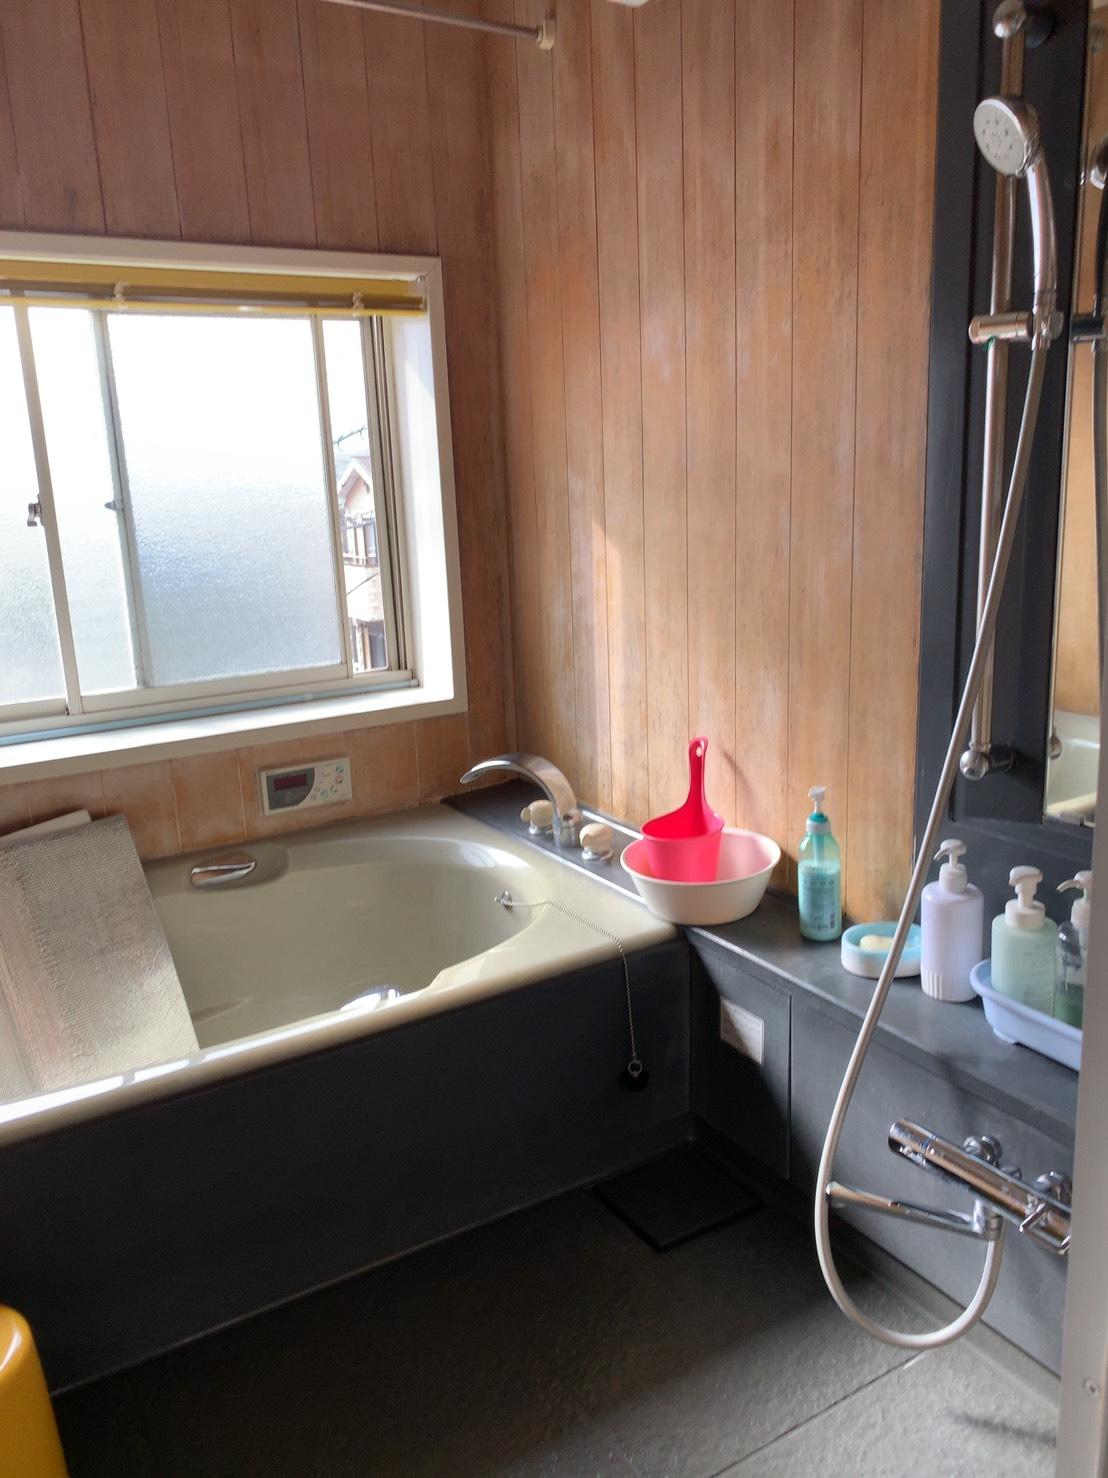 静岡市T様邸 お風呂リフォーム 施工Before写真